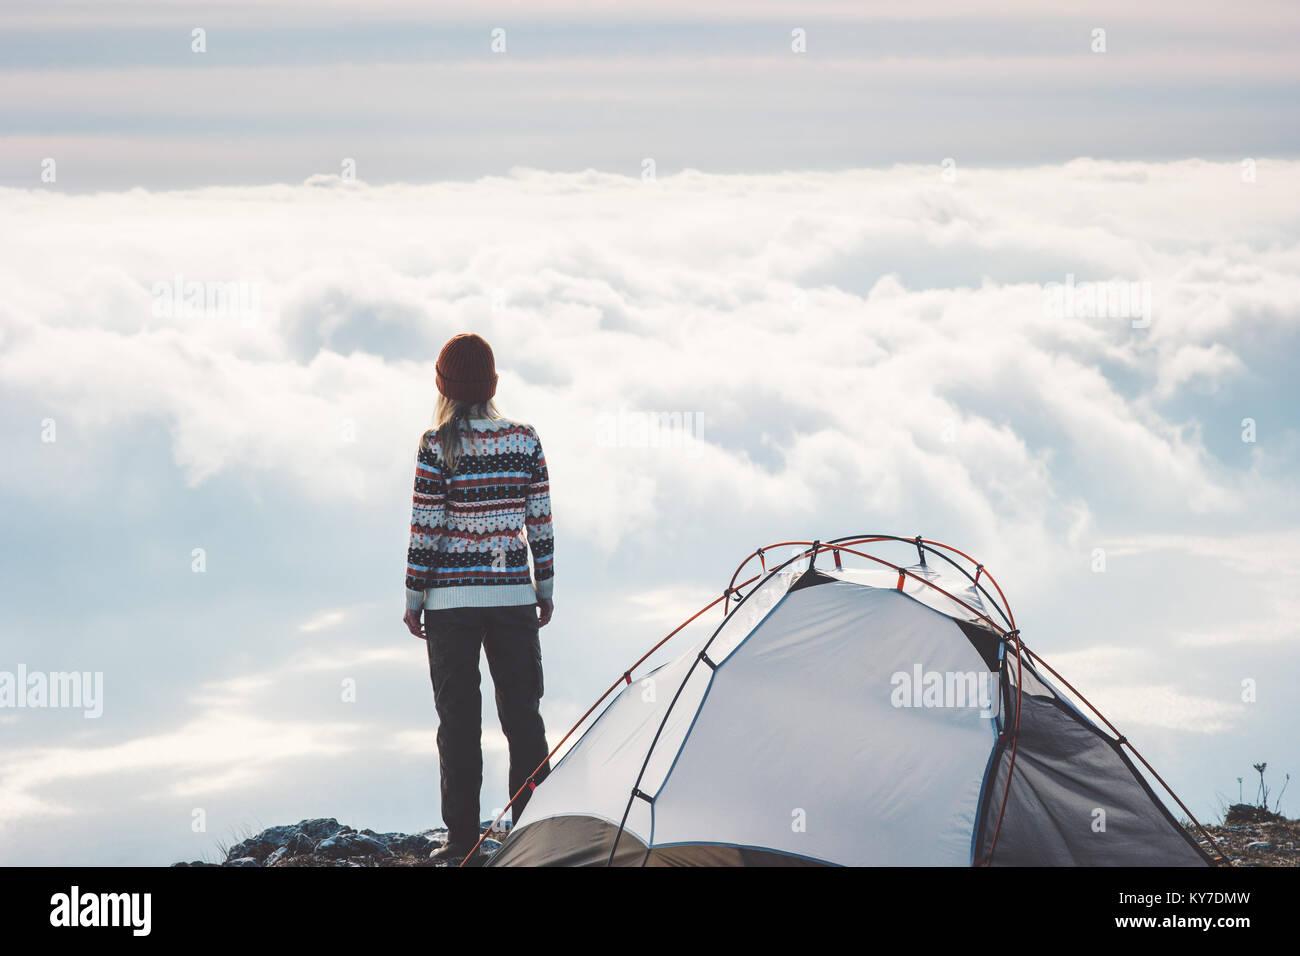 Sur femme seule falaise de montagne nuages brumeux sur fond de paysage concept de vie Voyage Vacances aventure camping Photo Stock